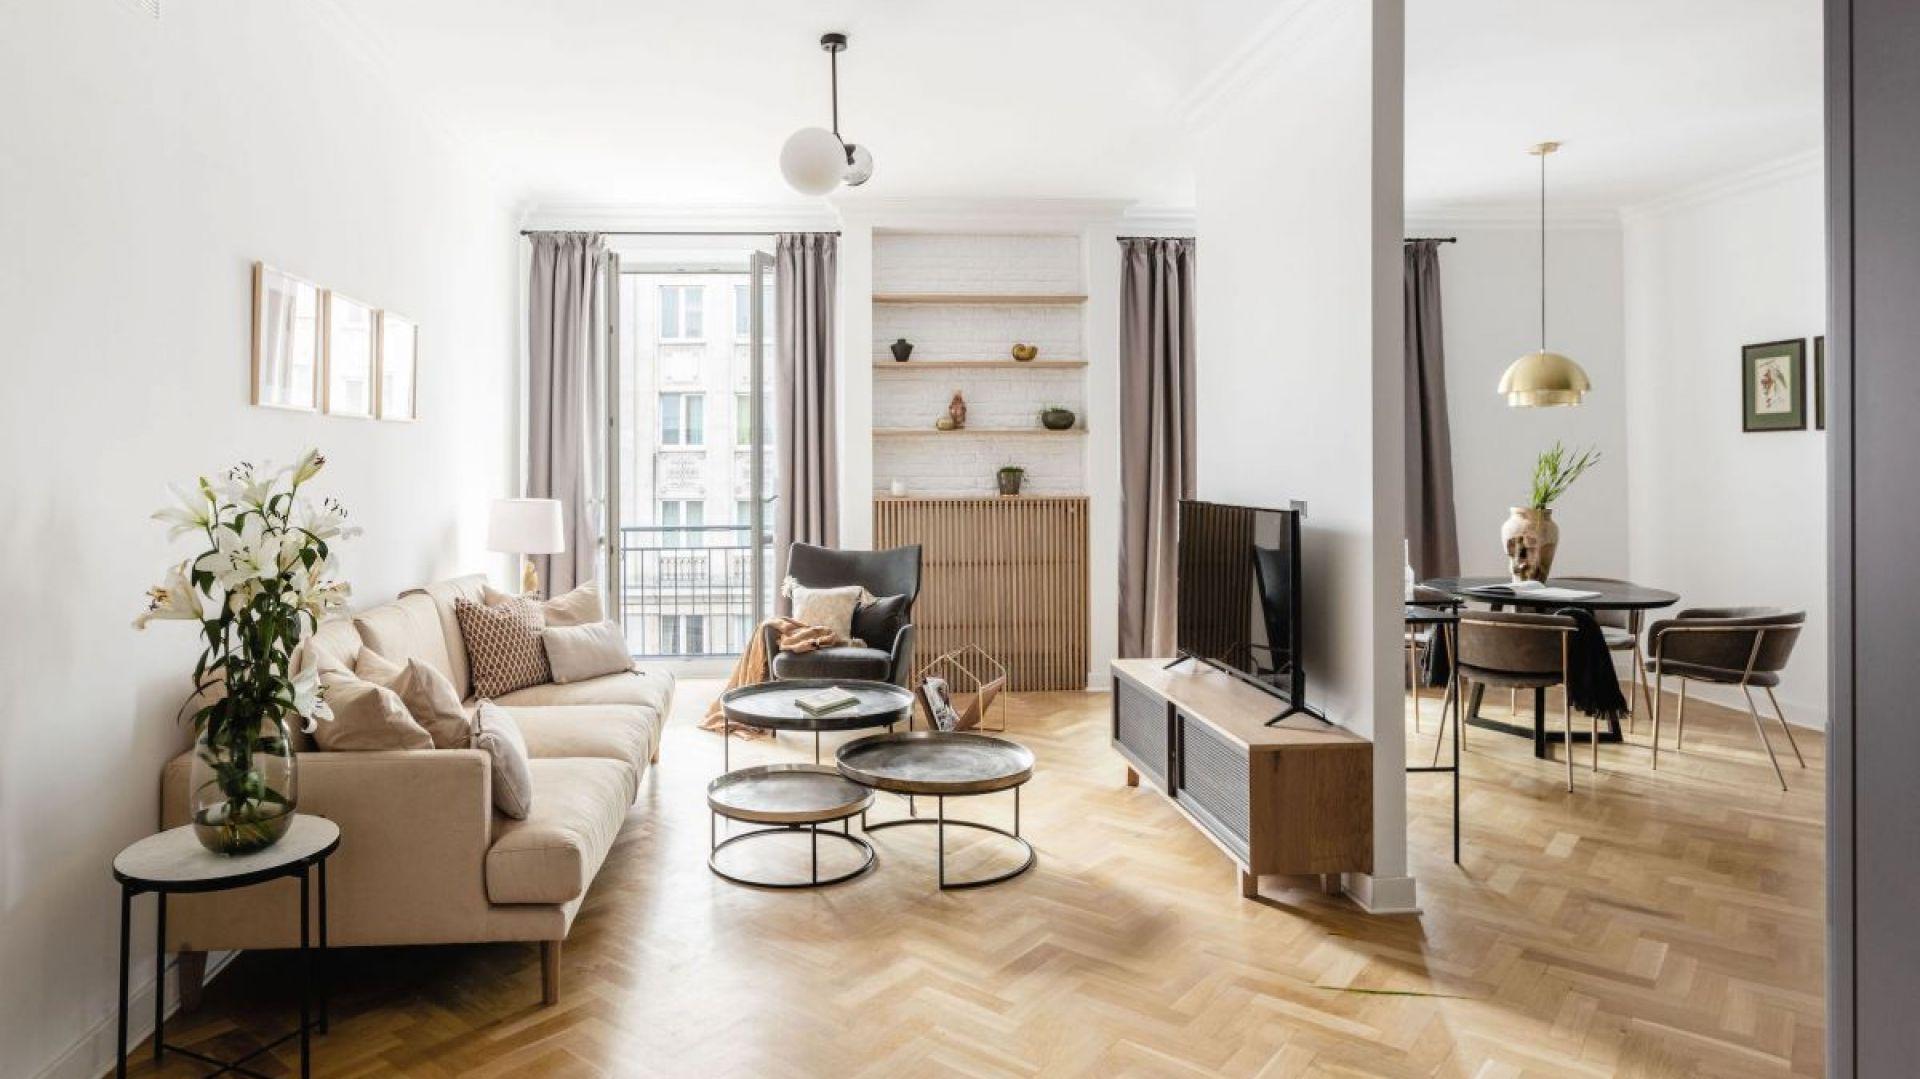 Główną rolę w tym mieszkaniu grają łagodne kolory i starannie wybrane meble.Fot. Dziurdzia Projekt